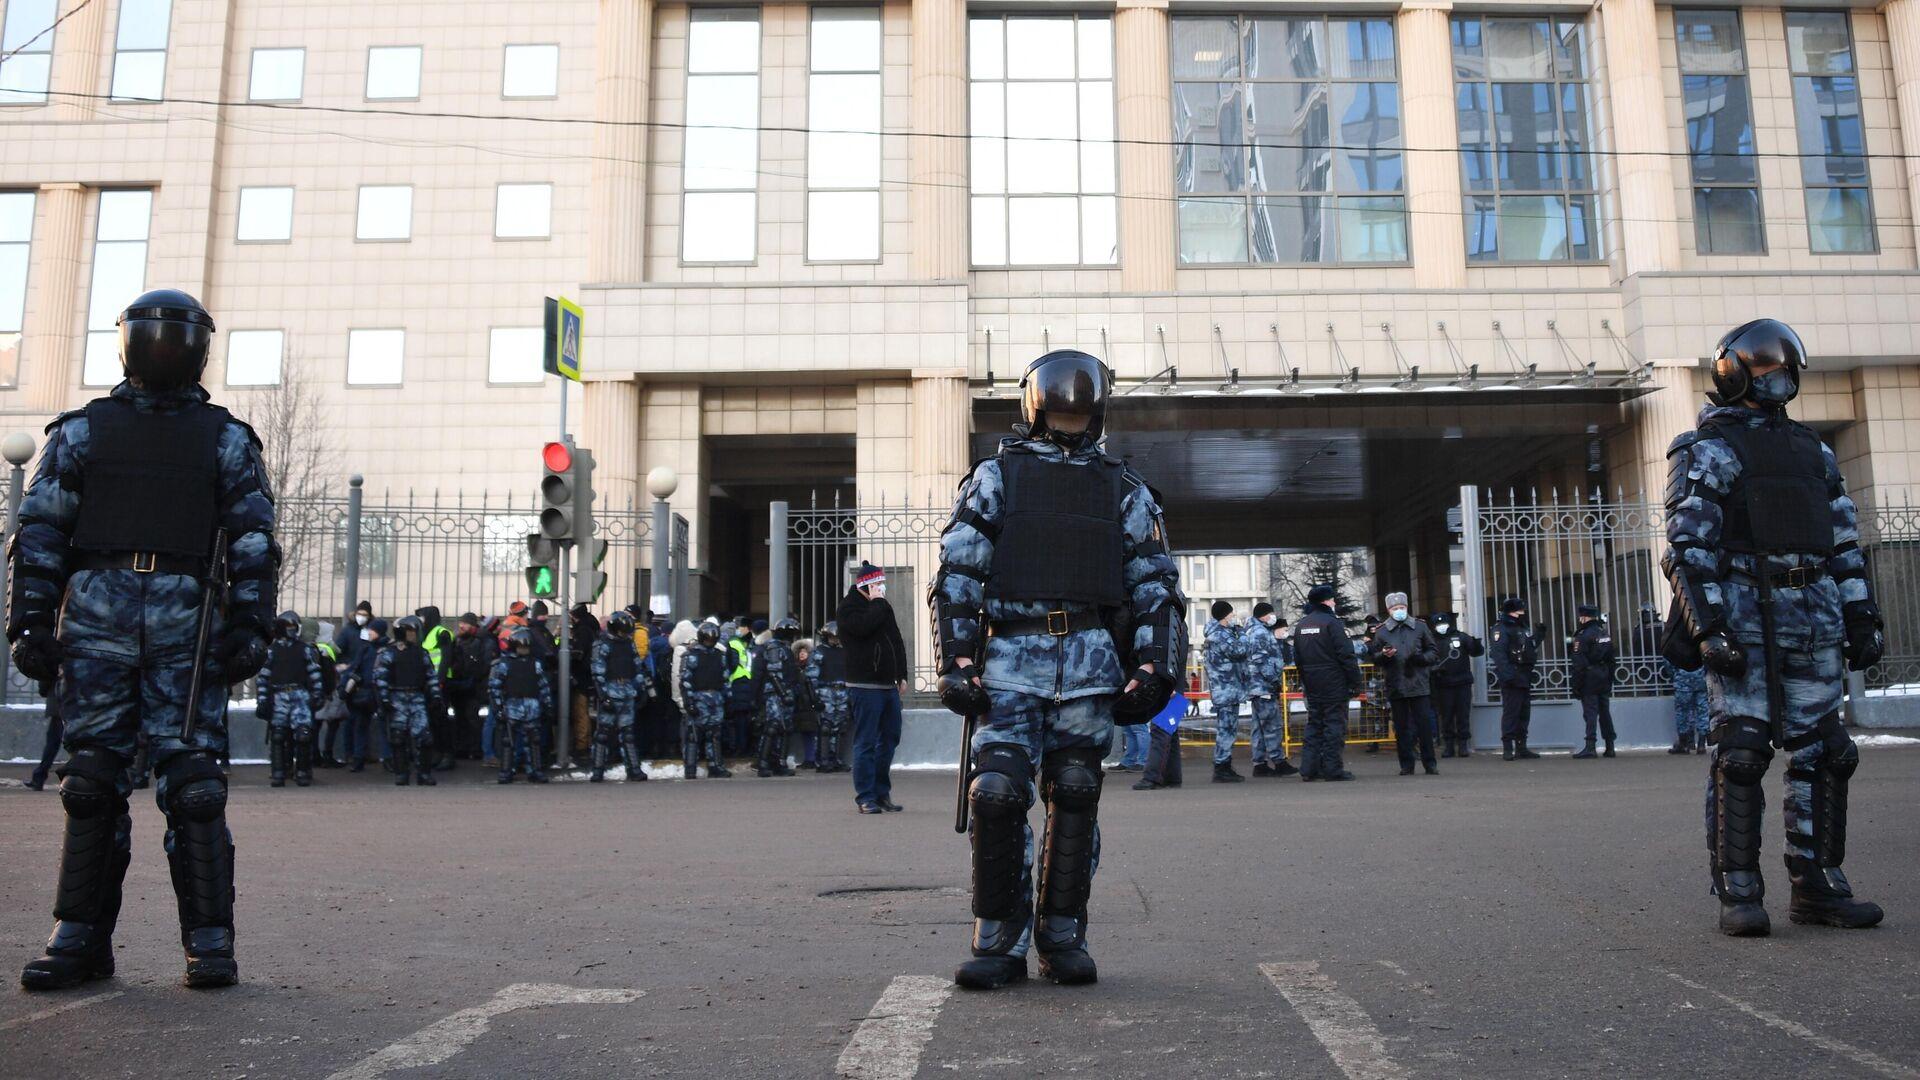 Сотрудники полиции у здания Московского городского суда - РИА Новости, 1920, 02.02.2021